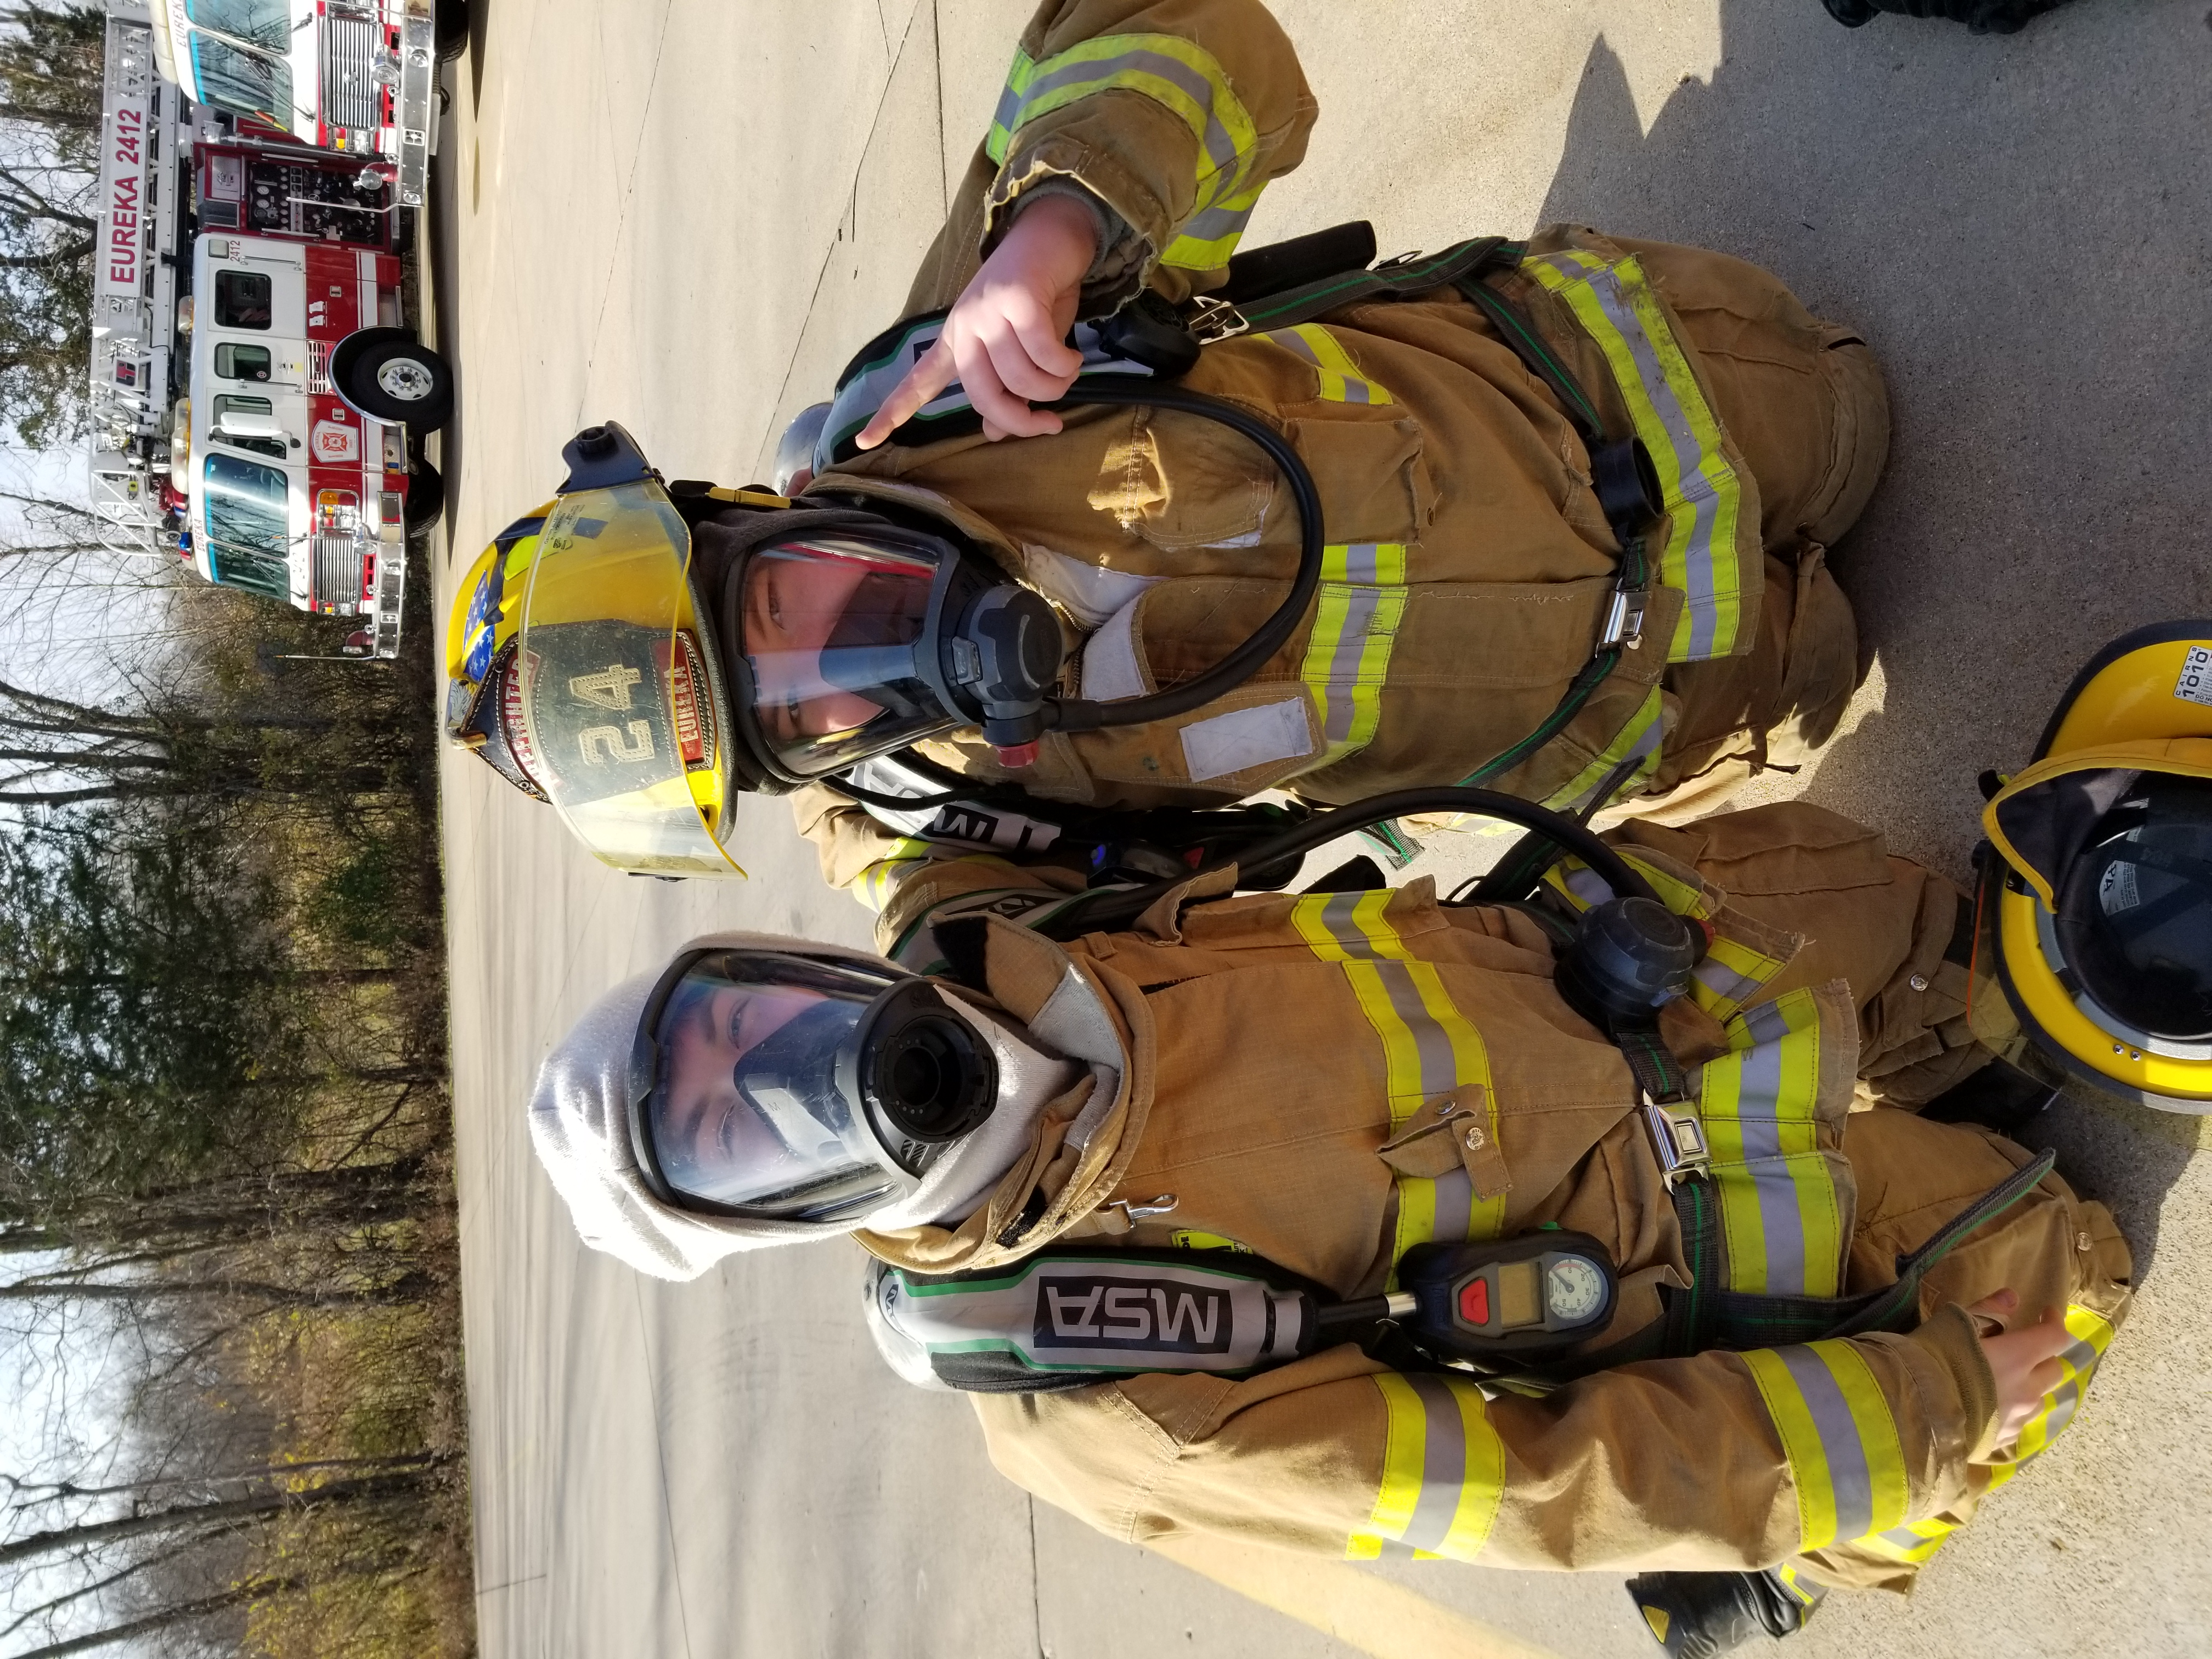 Jr. Firefighter in gear